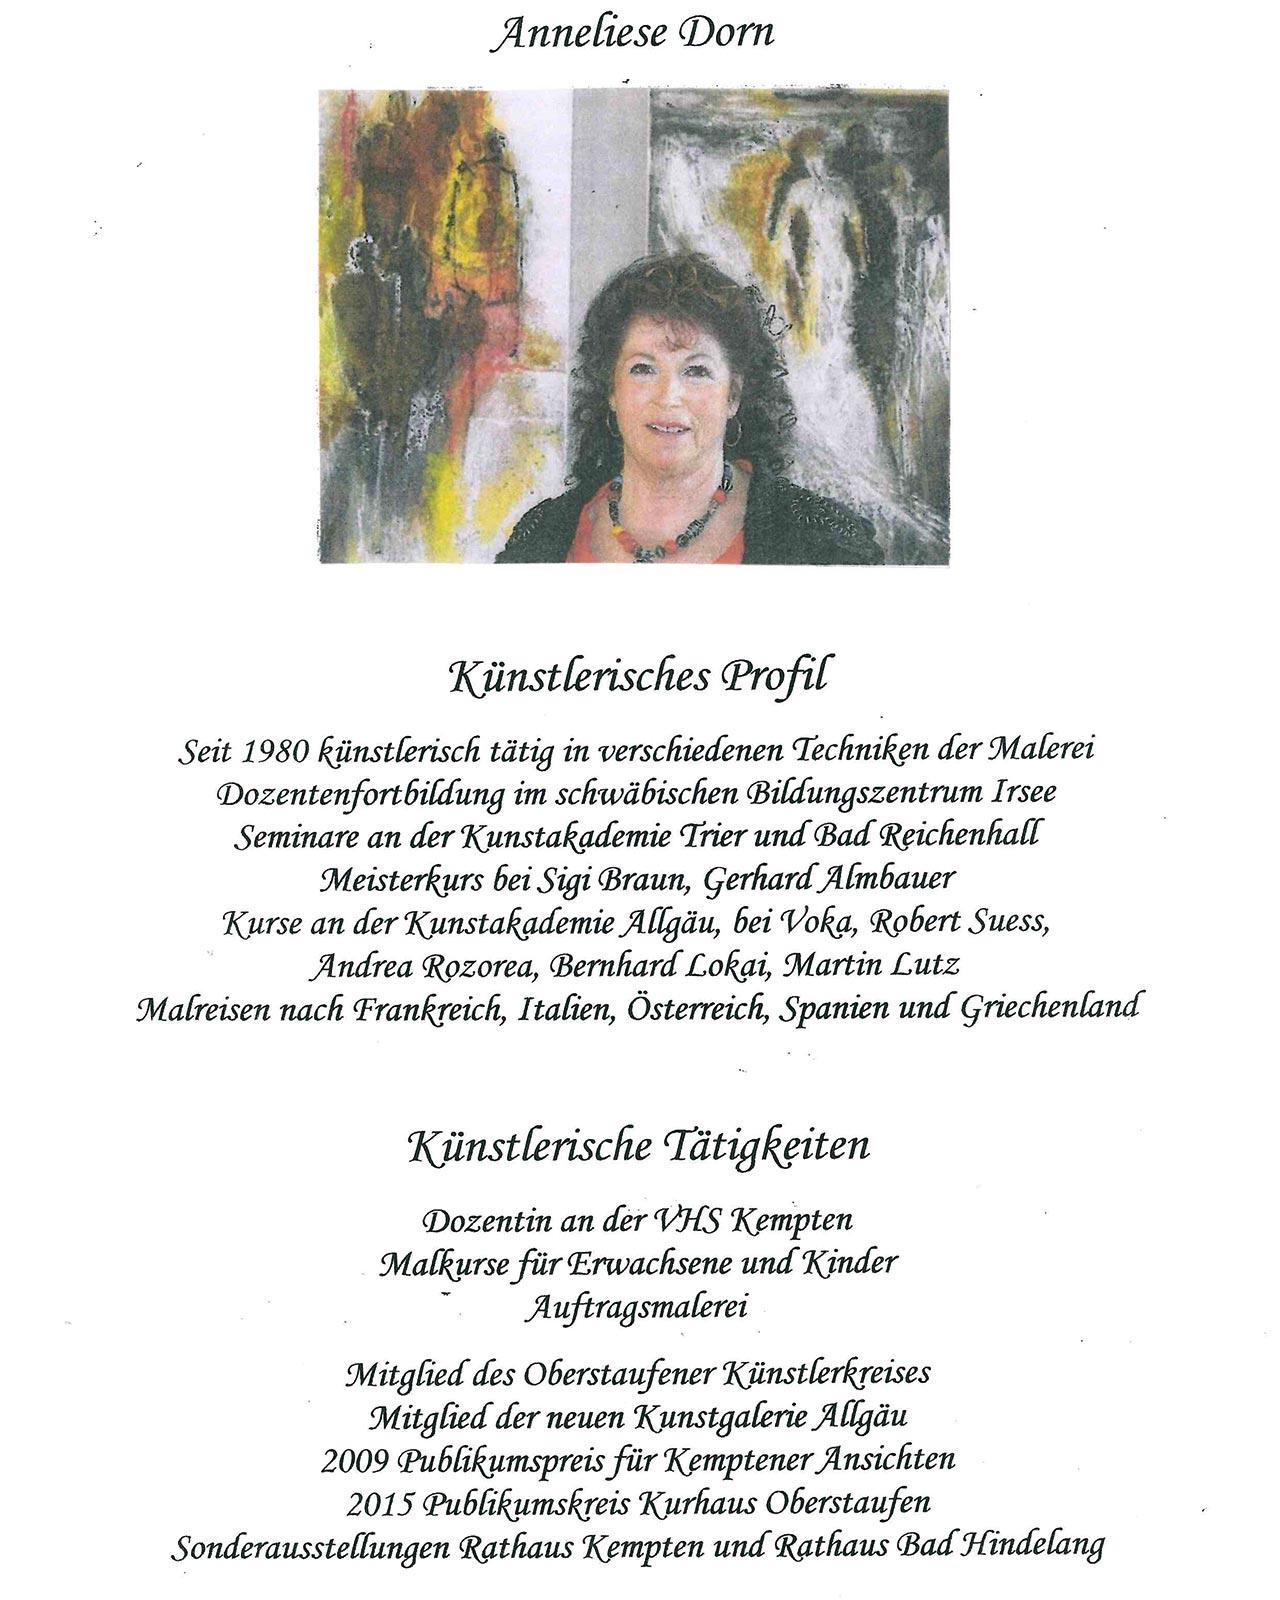 Profil Anneliese Dorn